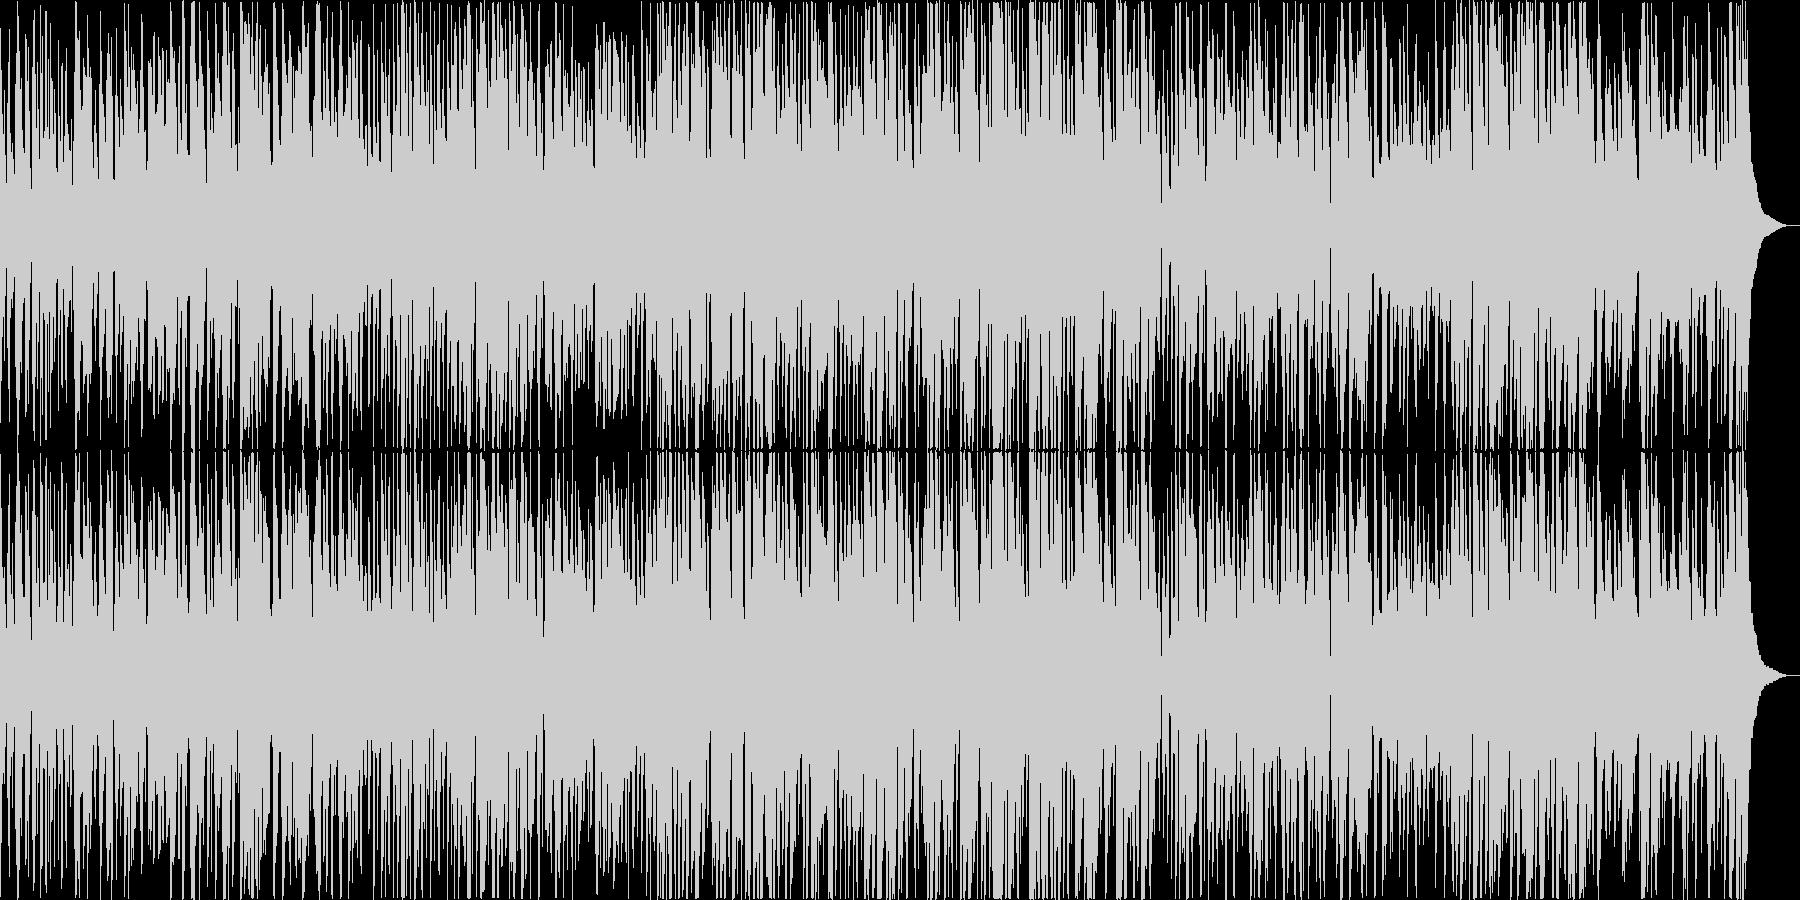 ハッピーな雰囲気のジャズの未再生の波形